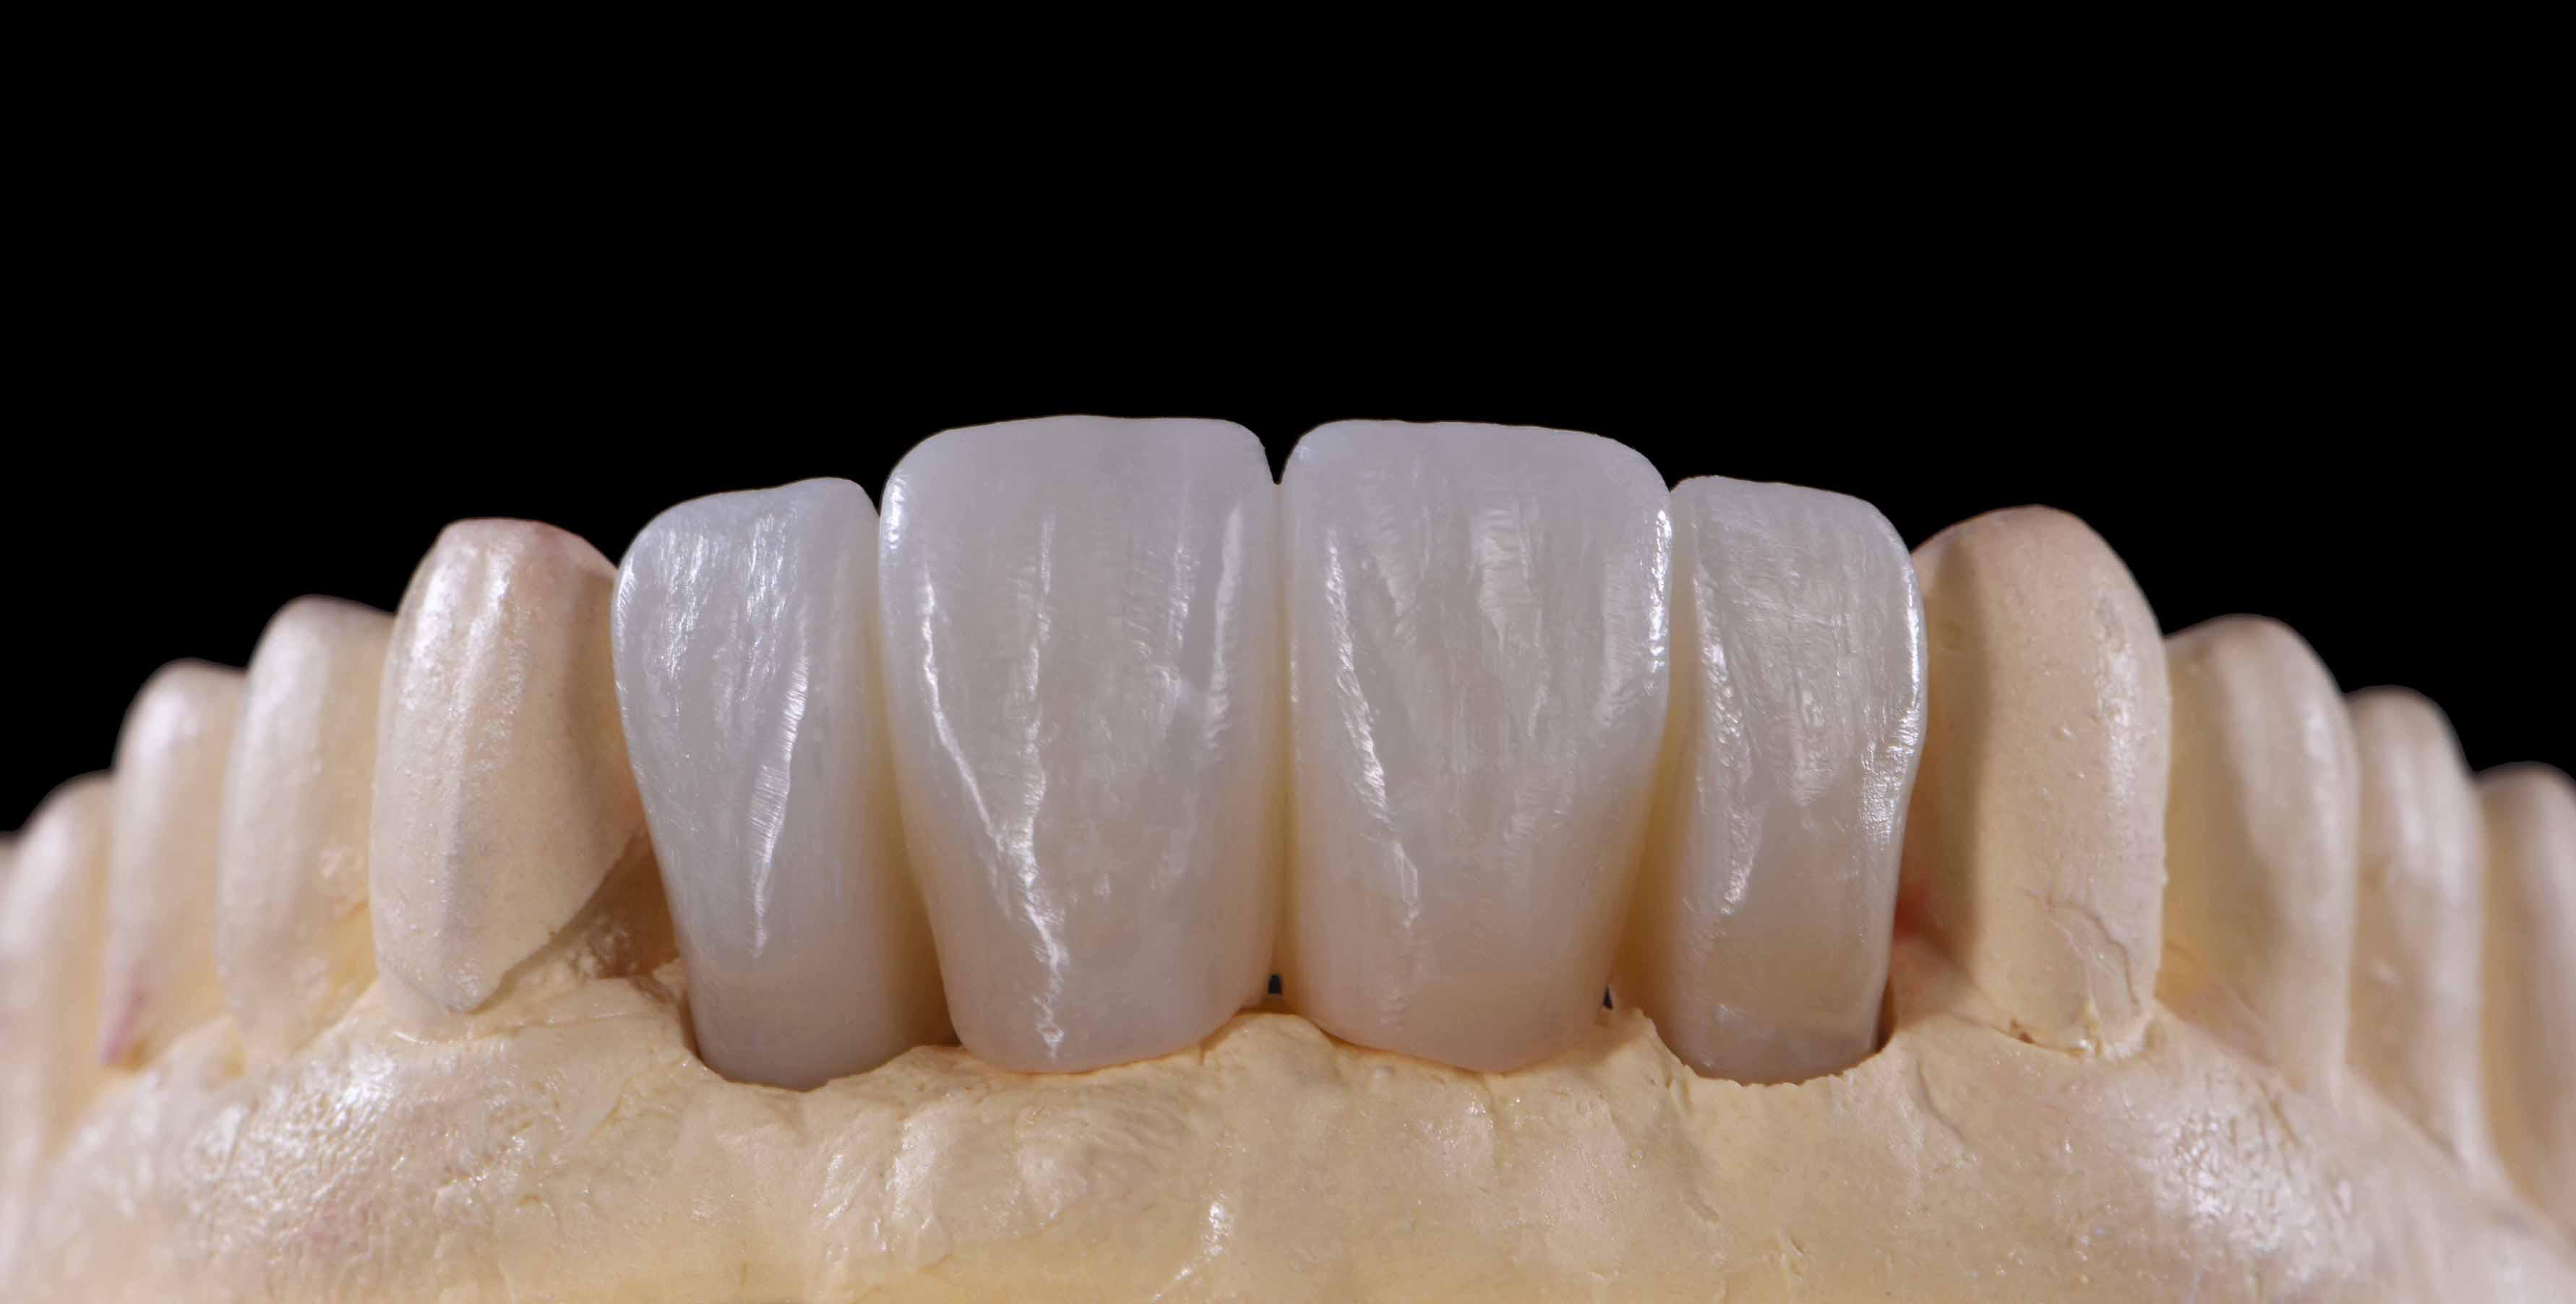 Aesthetic All-Ceramic Restoration - Crystal Dental Design